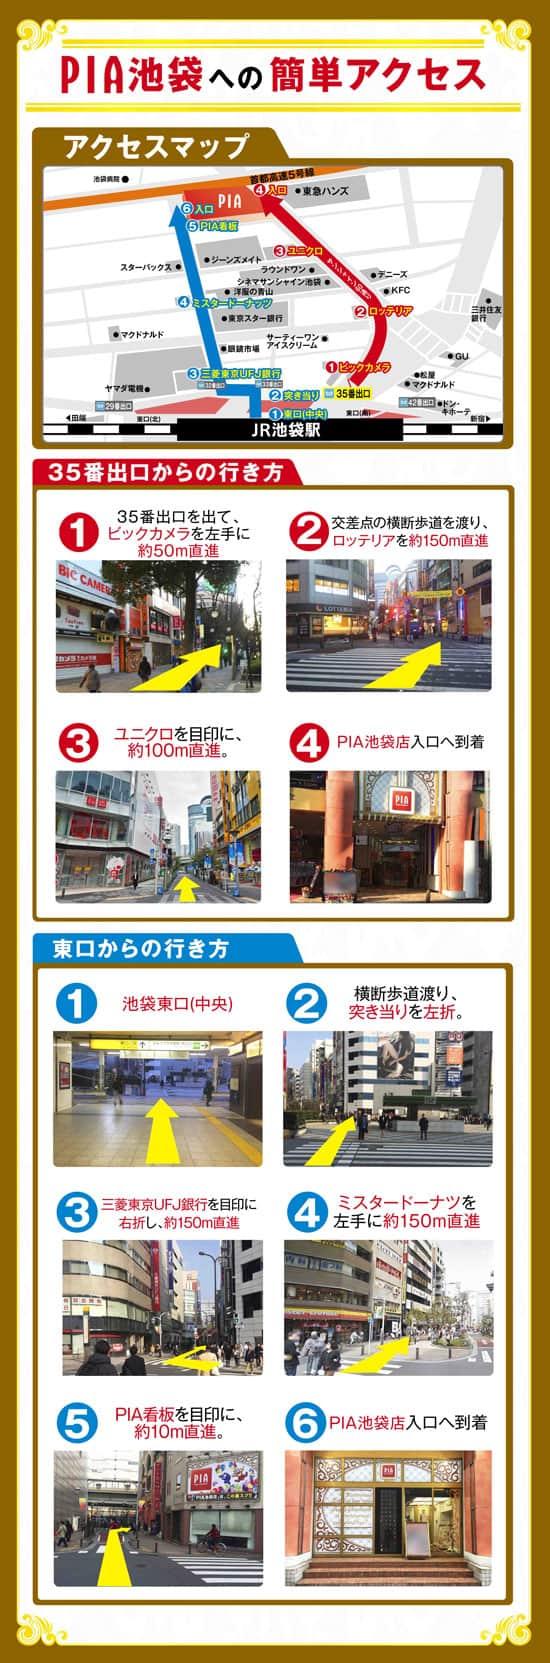 東京都 PIA池袋 豊島区東池袋 案内図